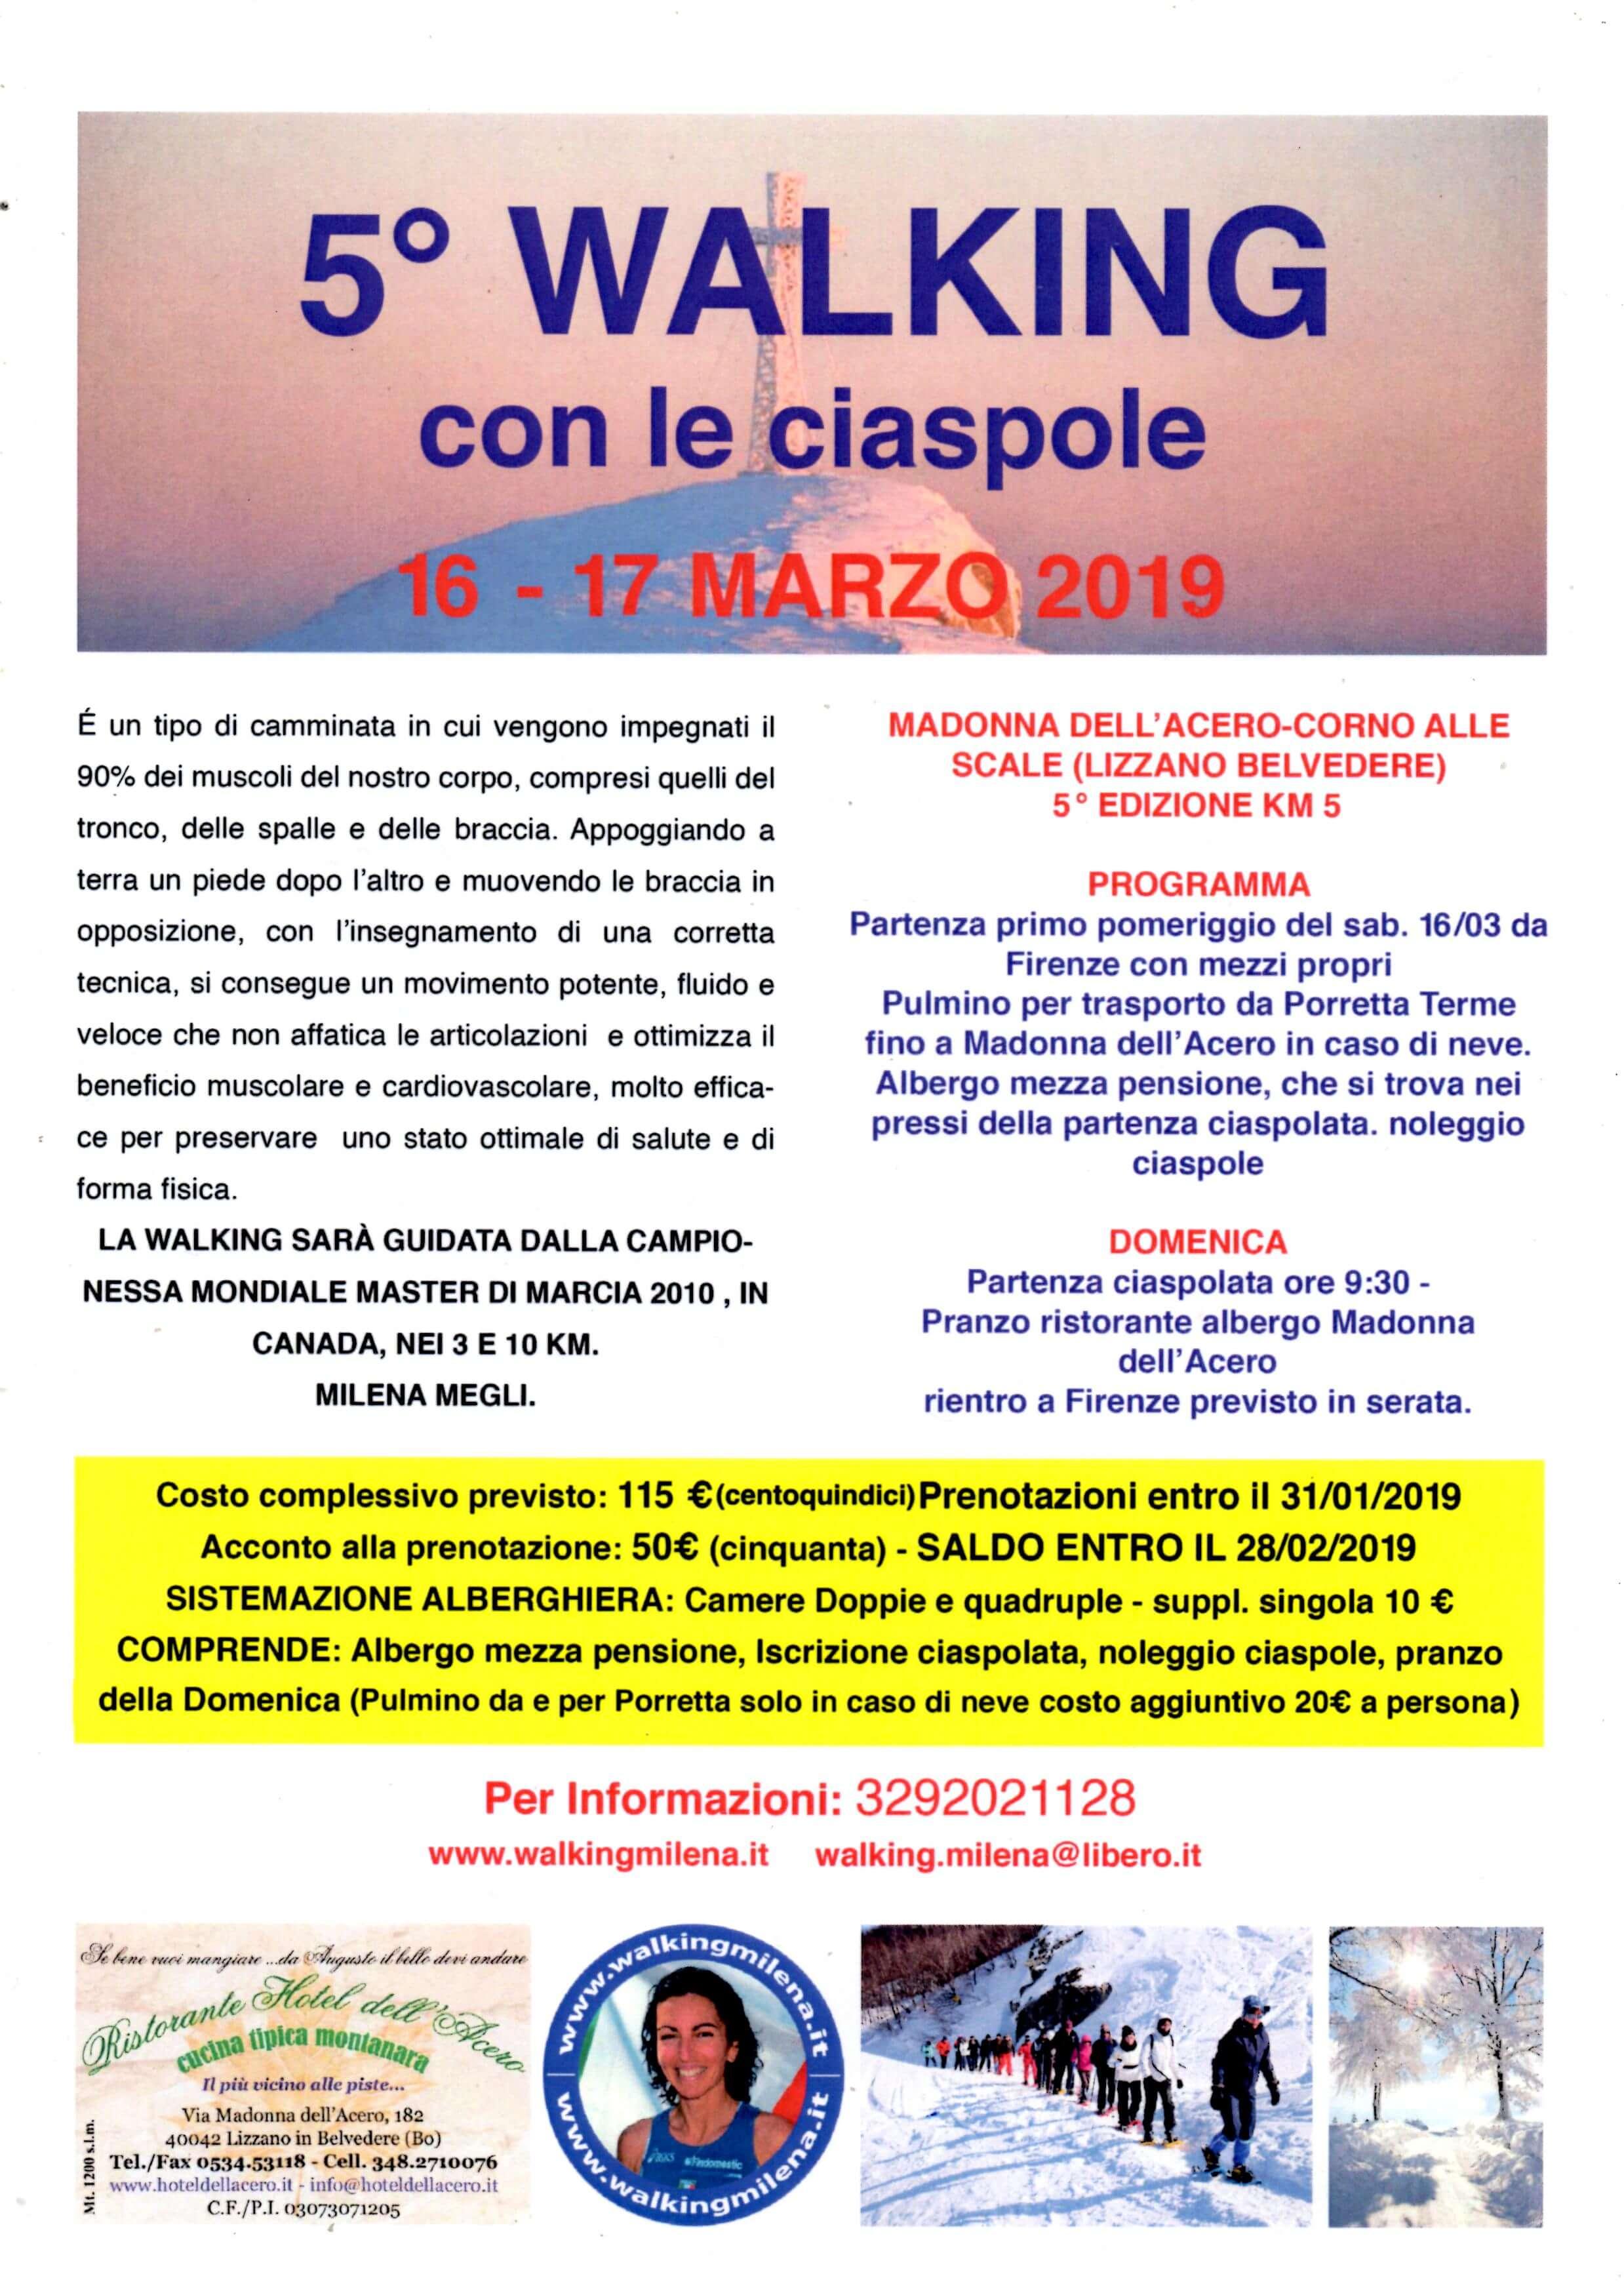 5° Walking con ciaspole 2019